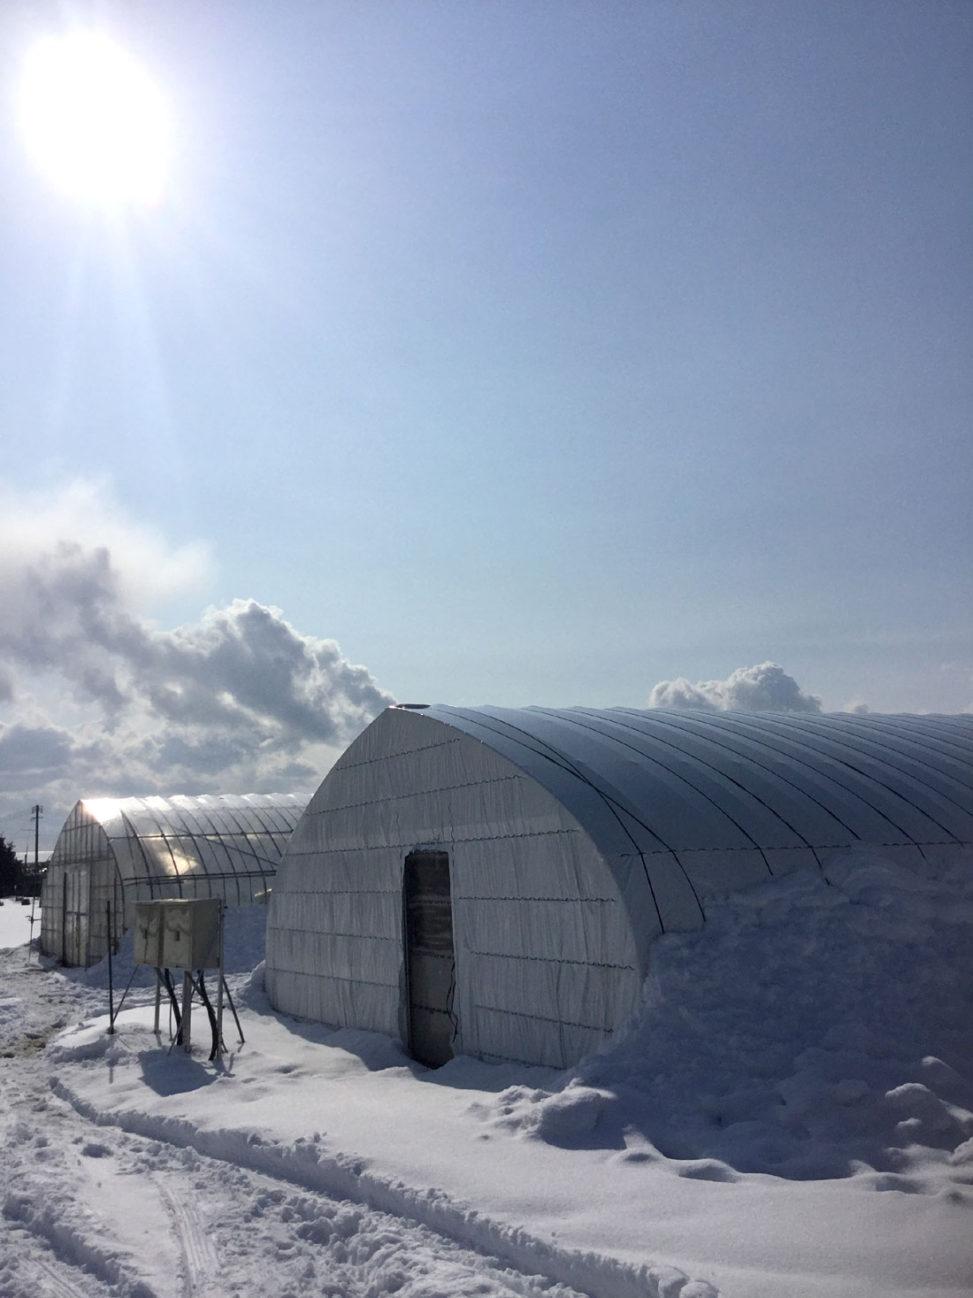 雪の中のいちごハウス